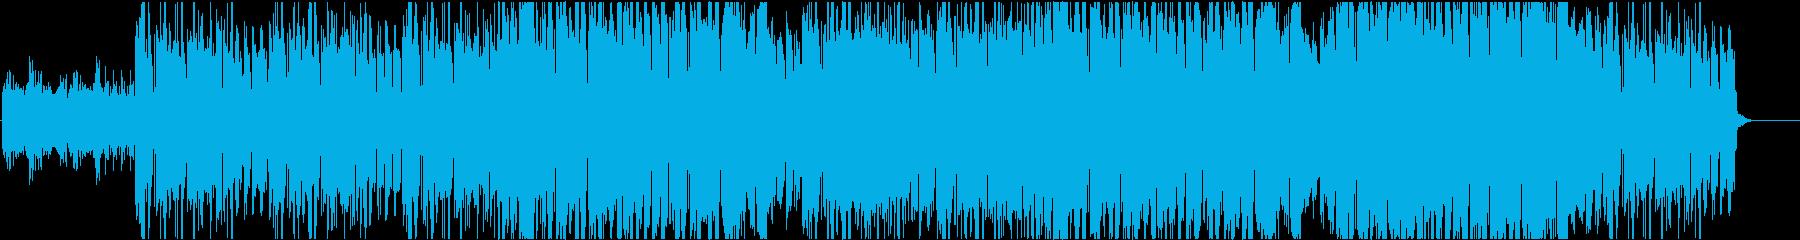 ネオソウルやR&B系の曲の再生済みの波形